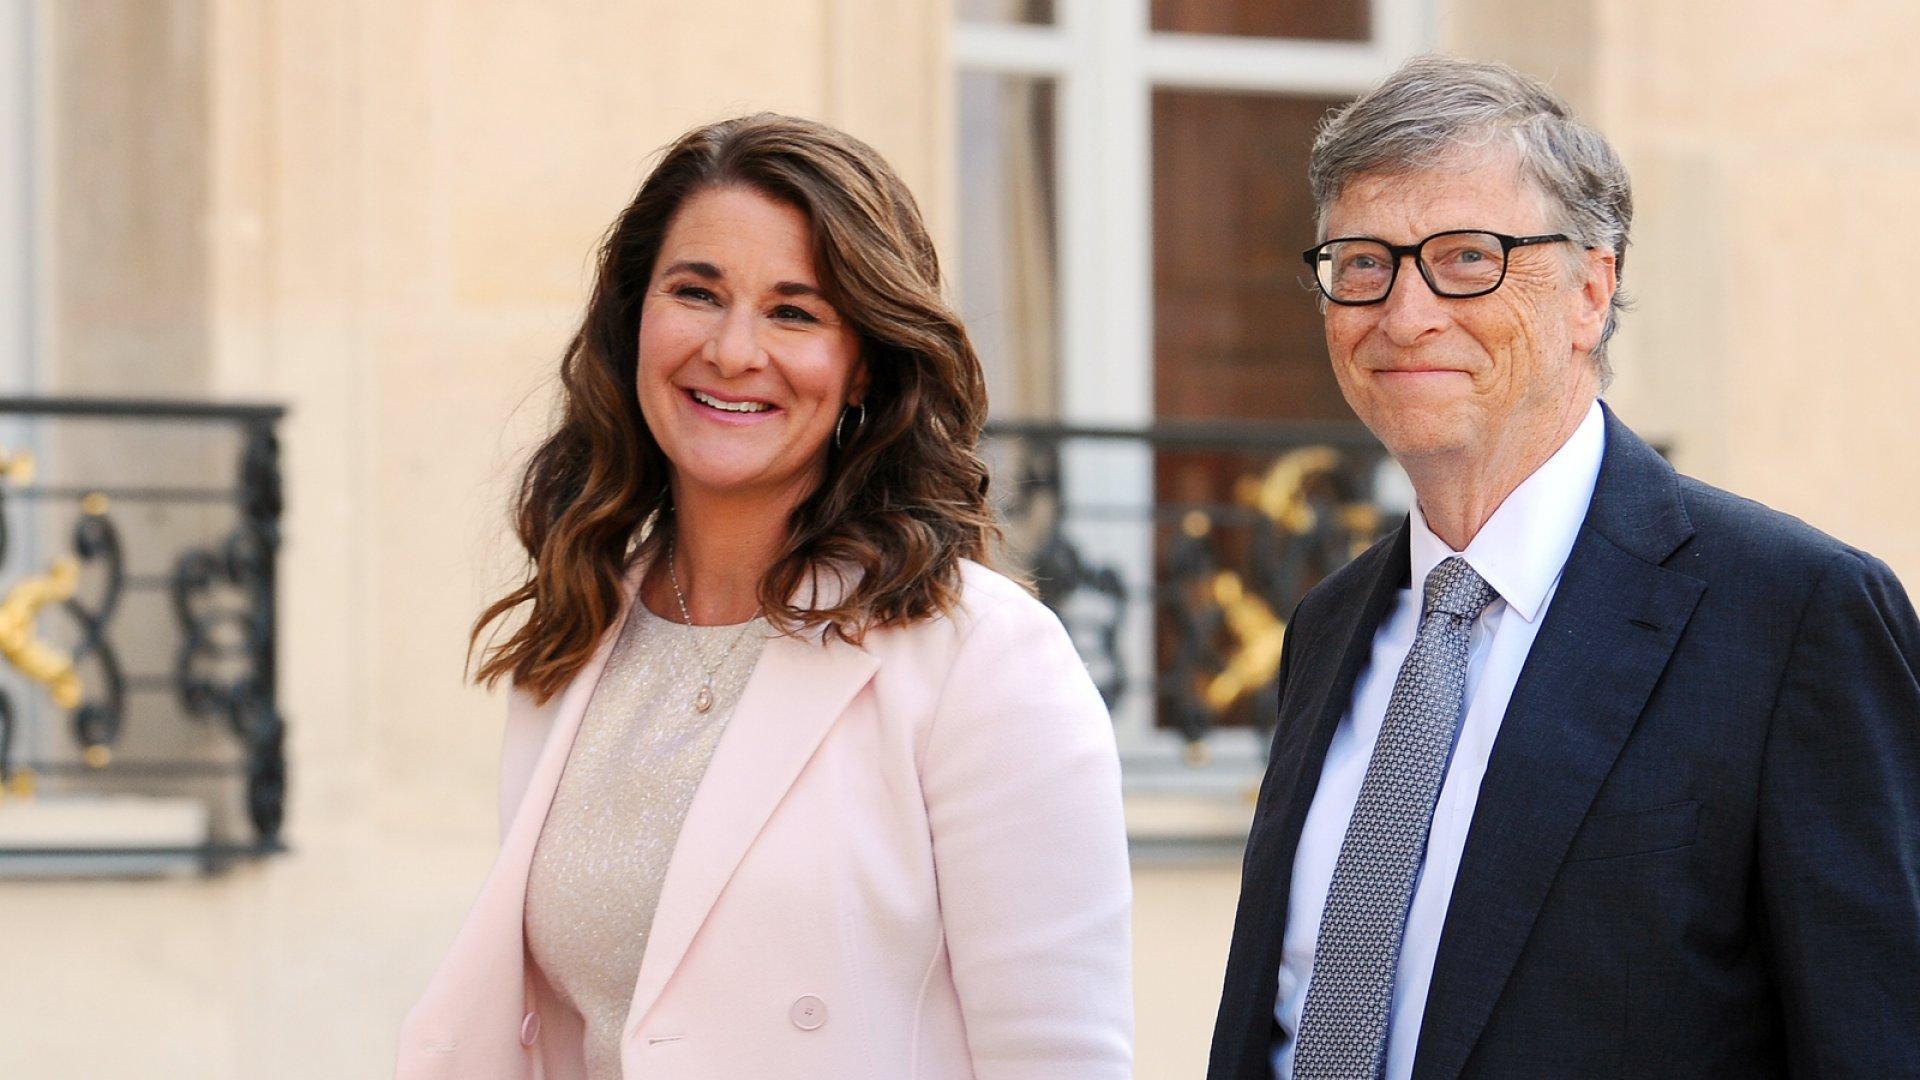 Uti Nwachukwu Bill Gates Marriage Divorce